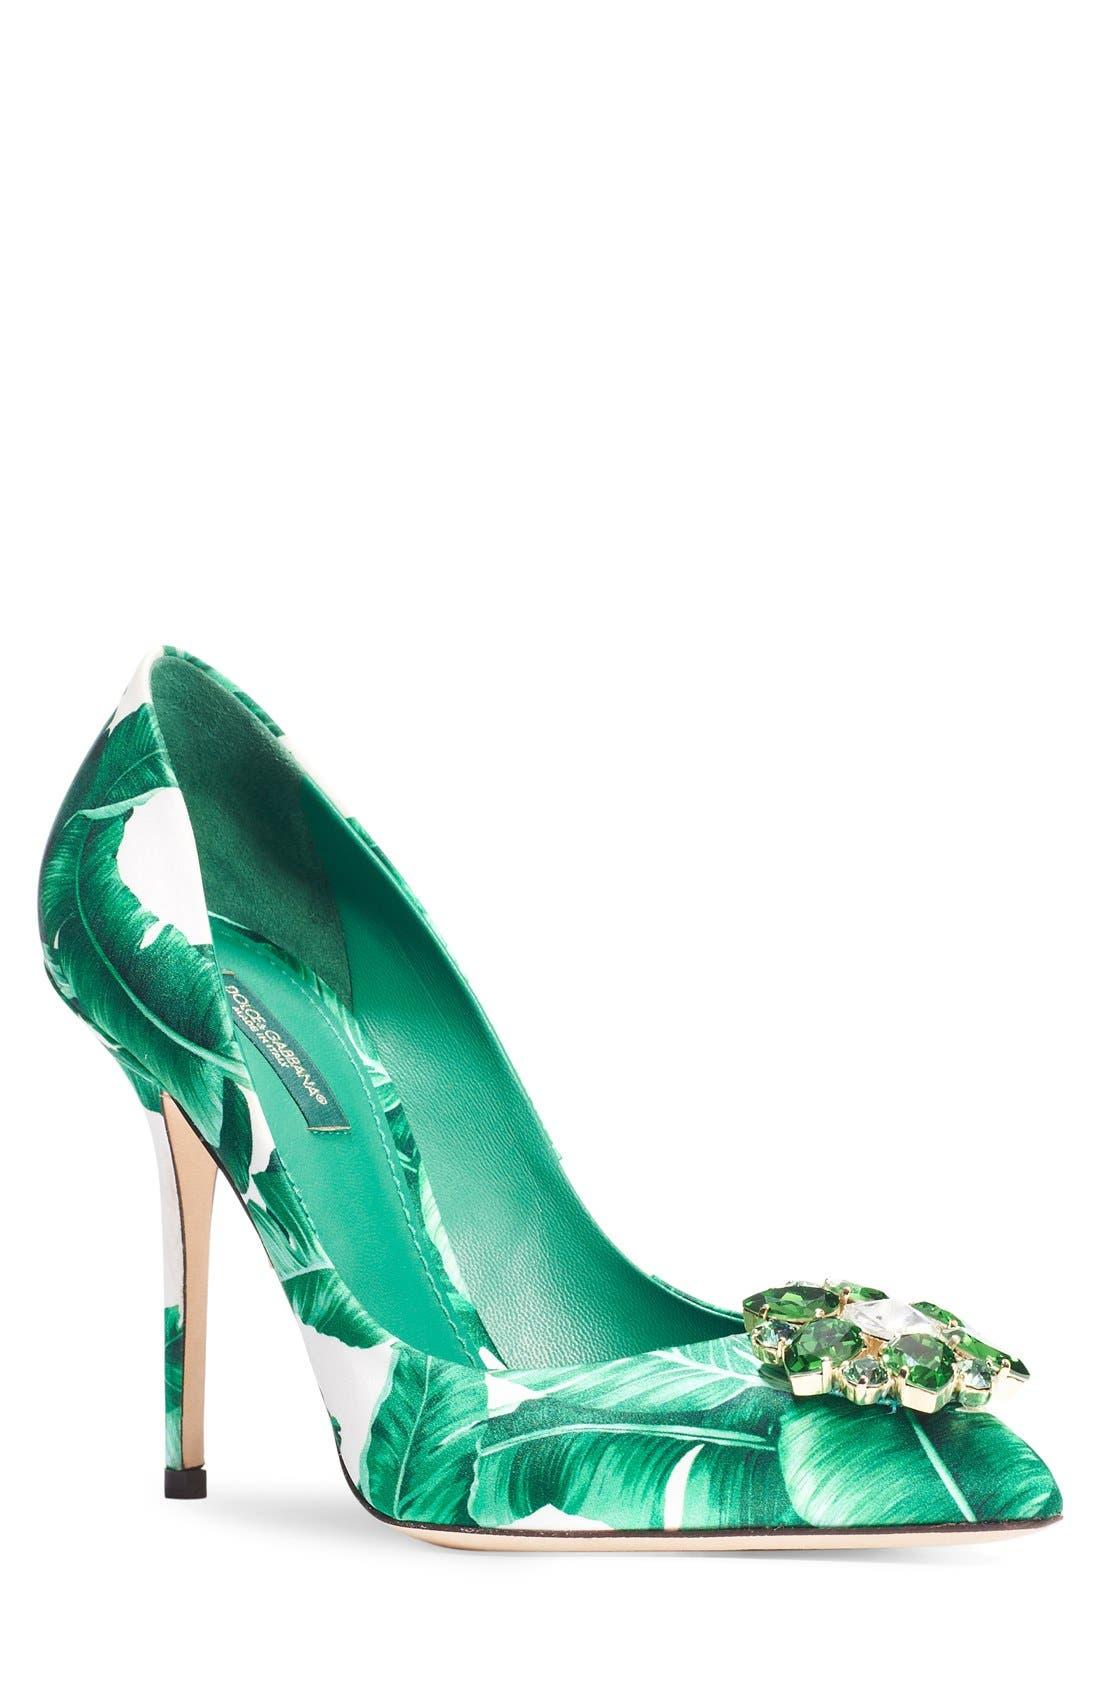 Main Image - Dolce&Gabbana Banana Leaf Pointy Toe Pump (Women)